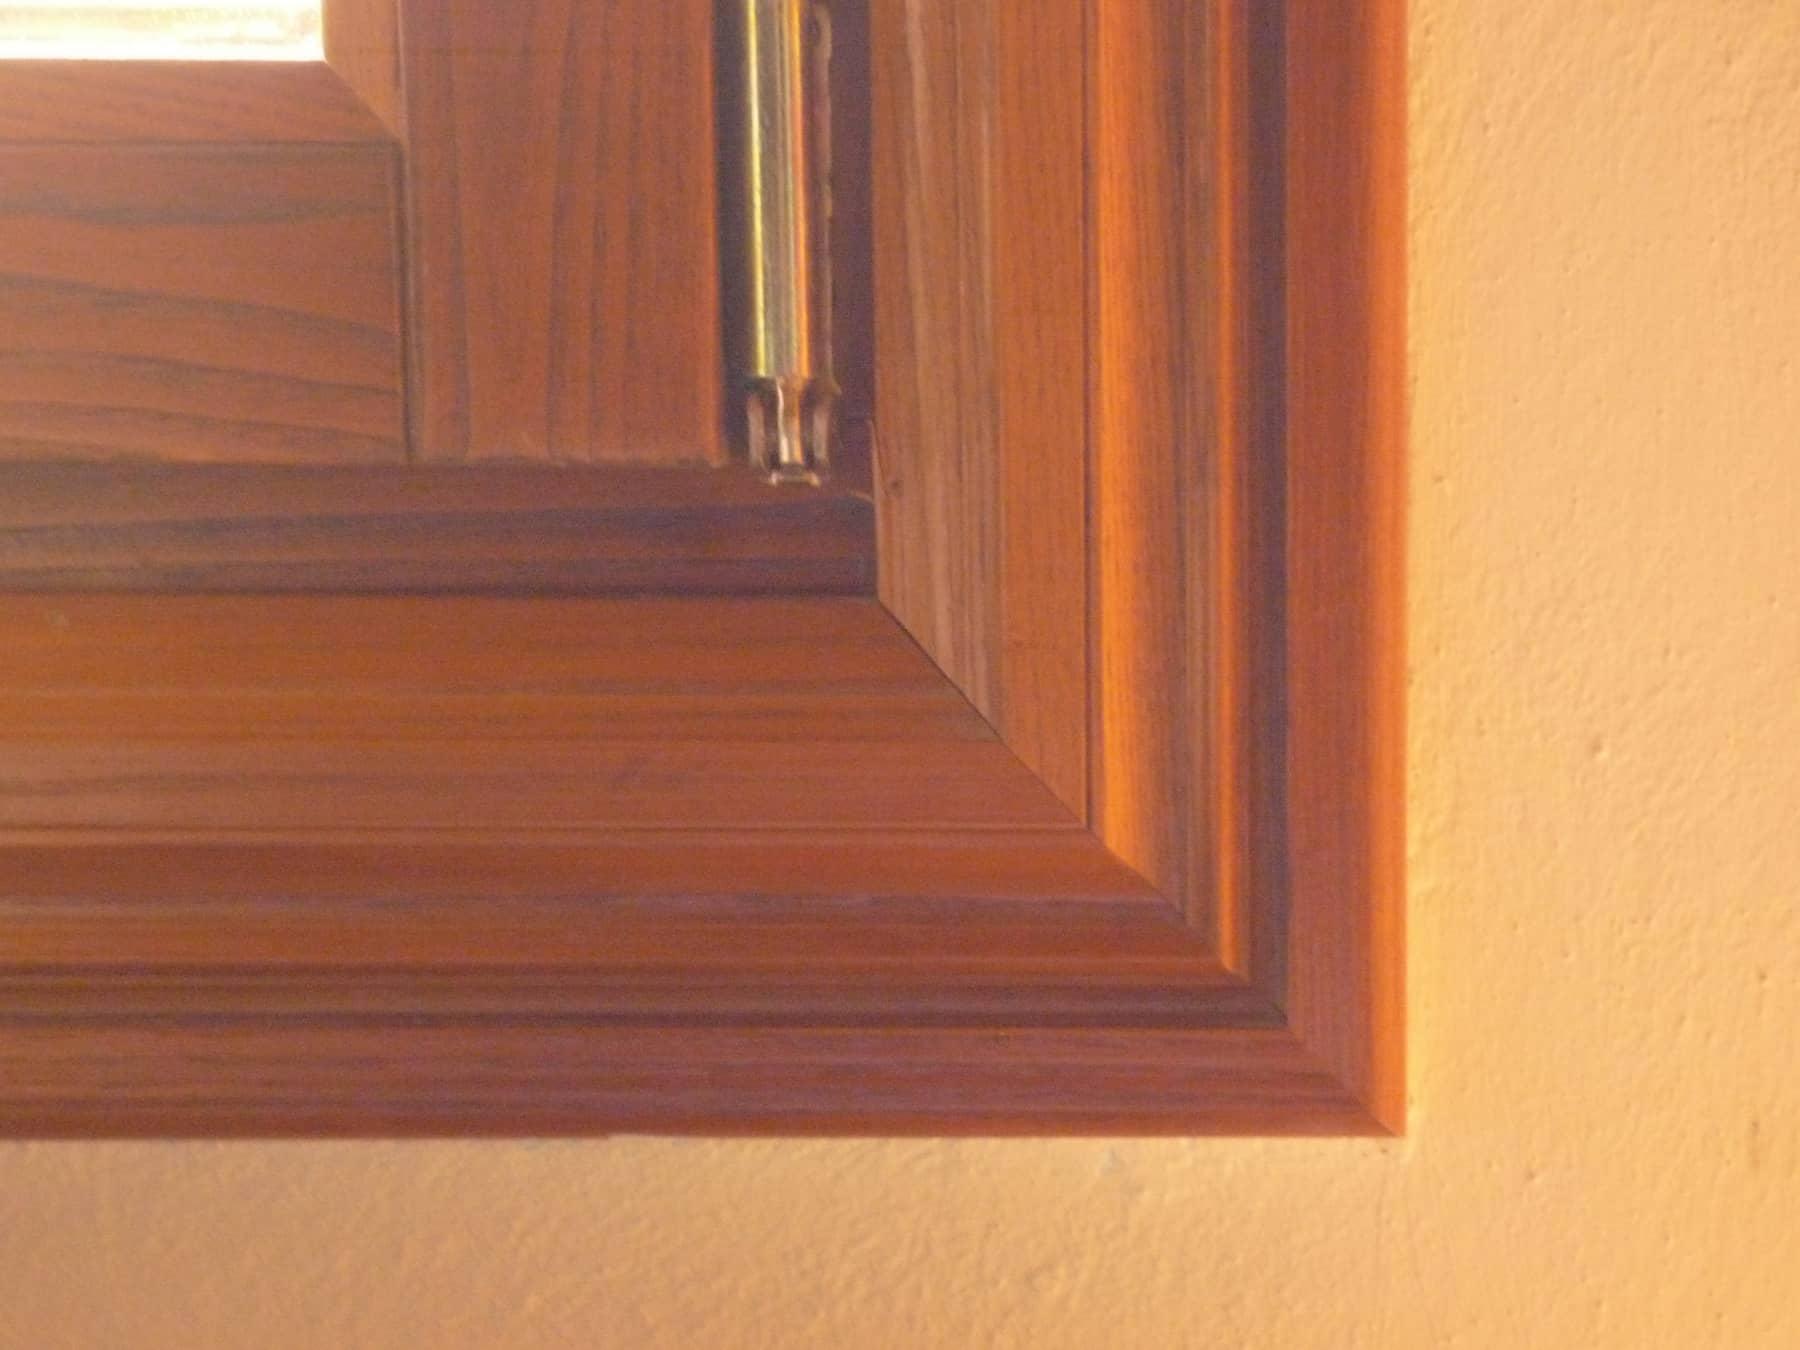 δεξιά γωνία ενός παραθύρου ATHOS δείχνει την ποιότητα κατασκευής και τοποθέτησης